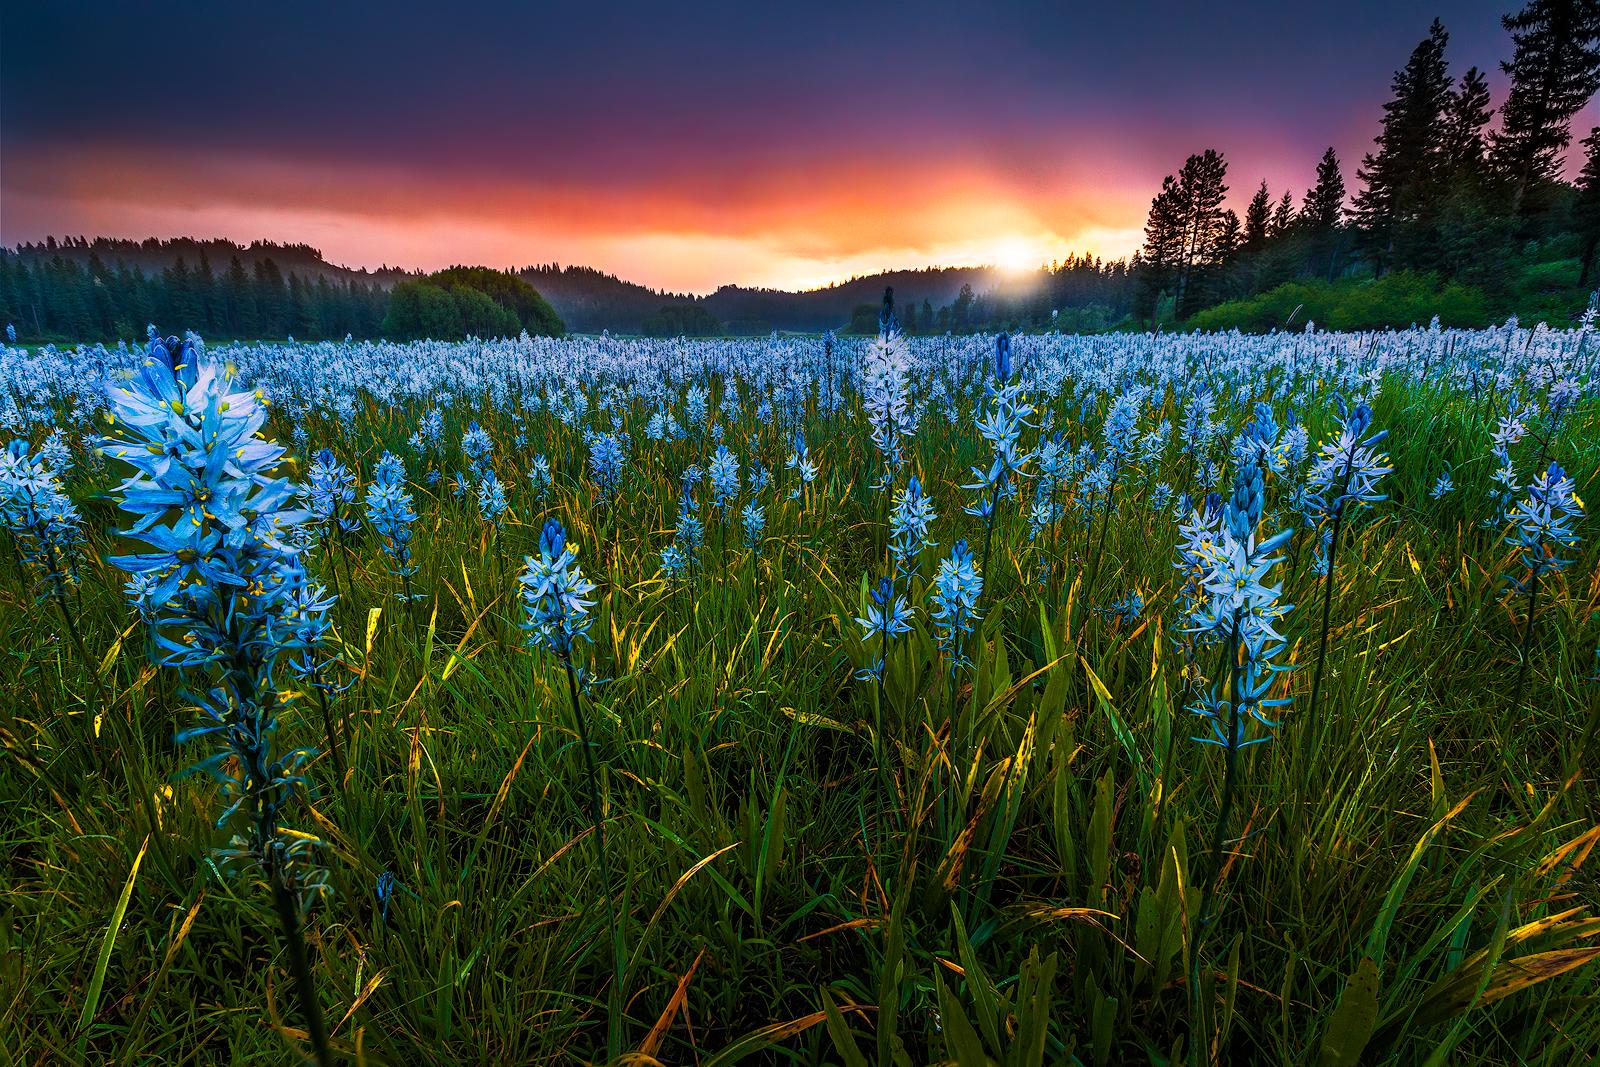 Red-Dawn-Blue-Lilies.jpg